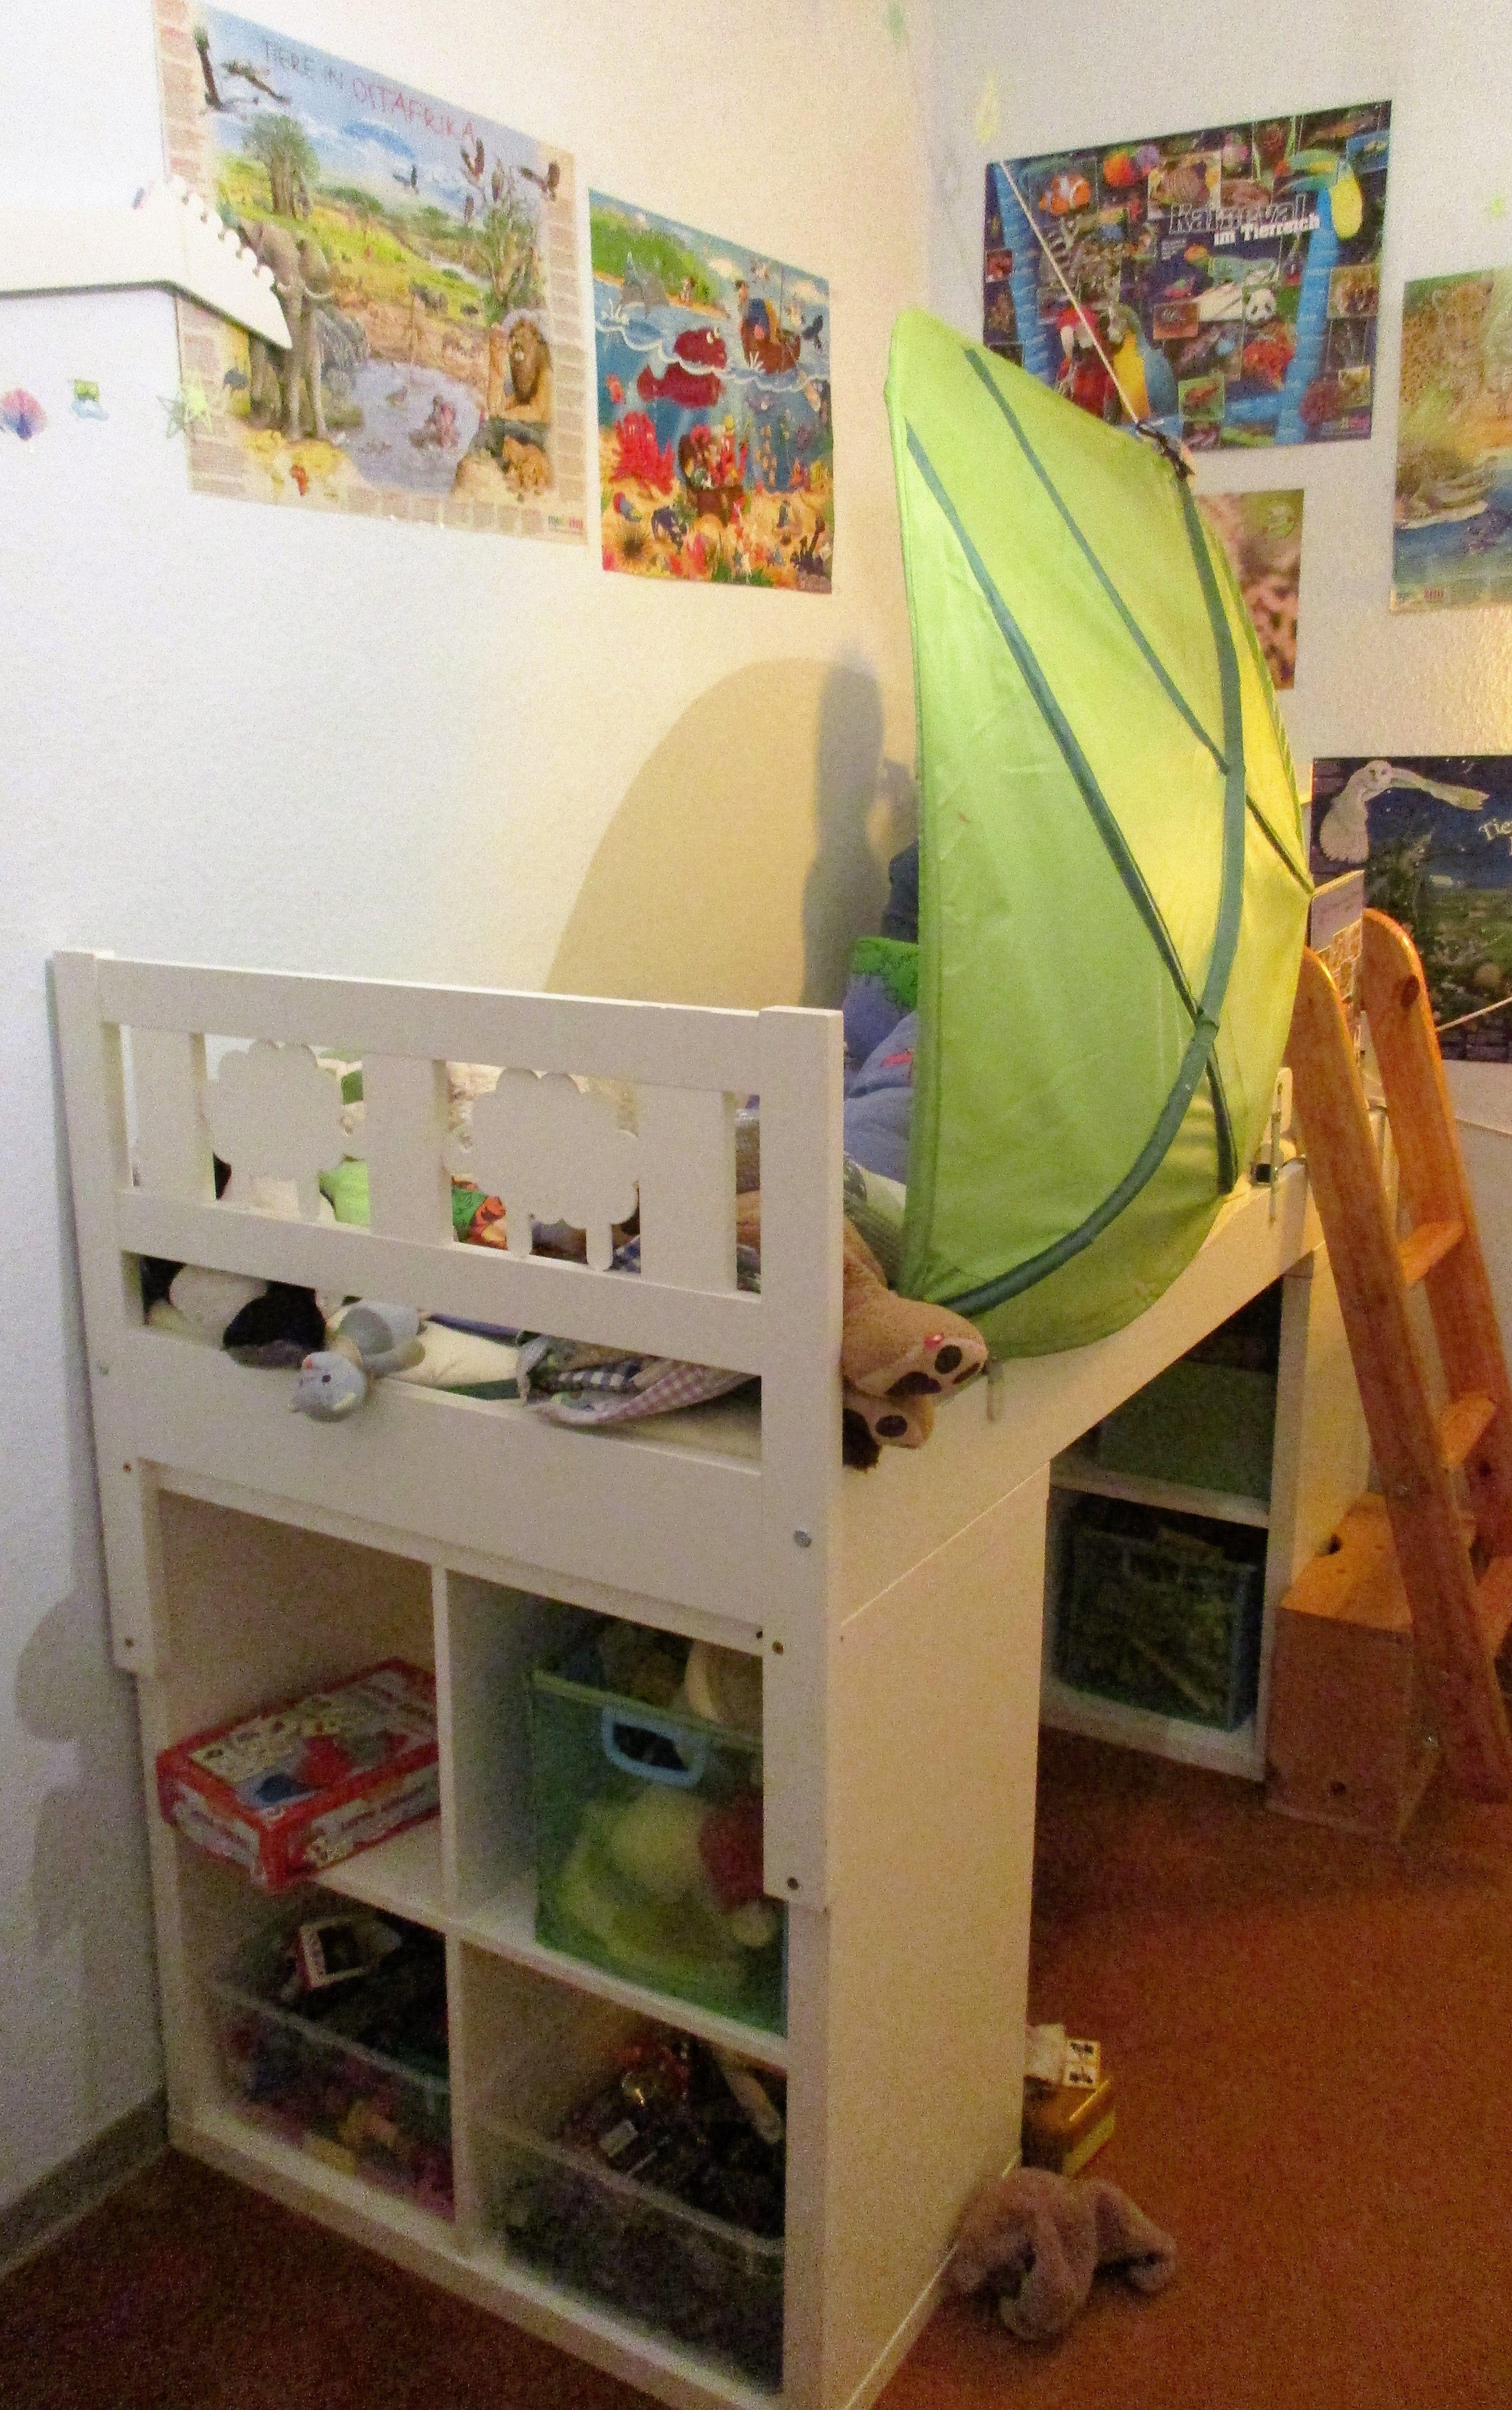 Hochbett Selber Bauen 2x Kallax Regal Von Ikea Unter Das Bett